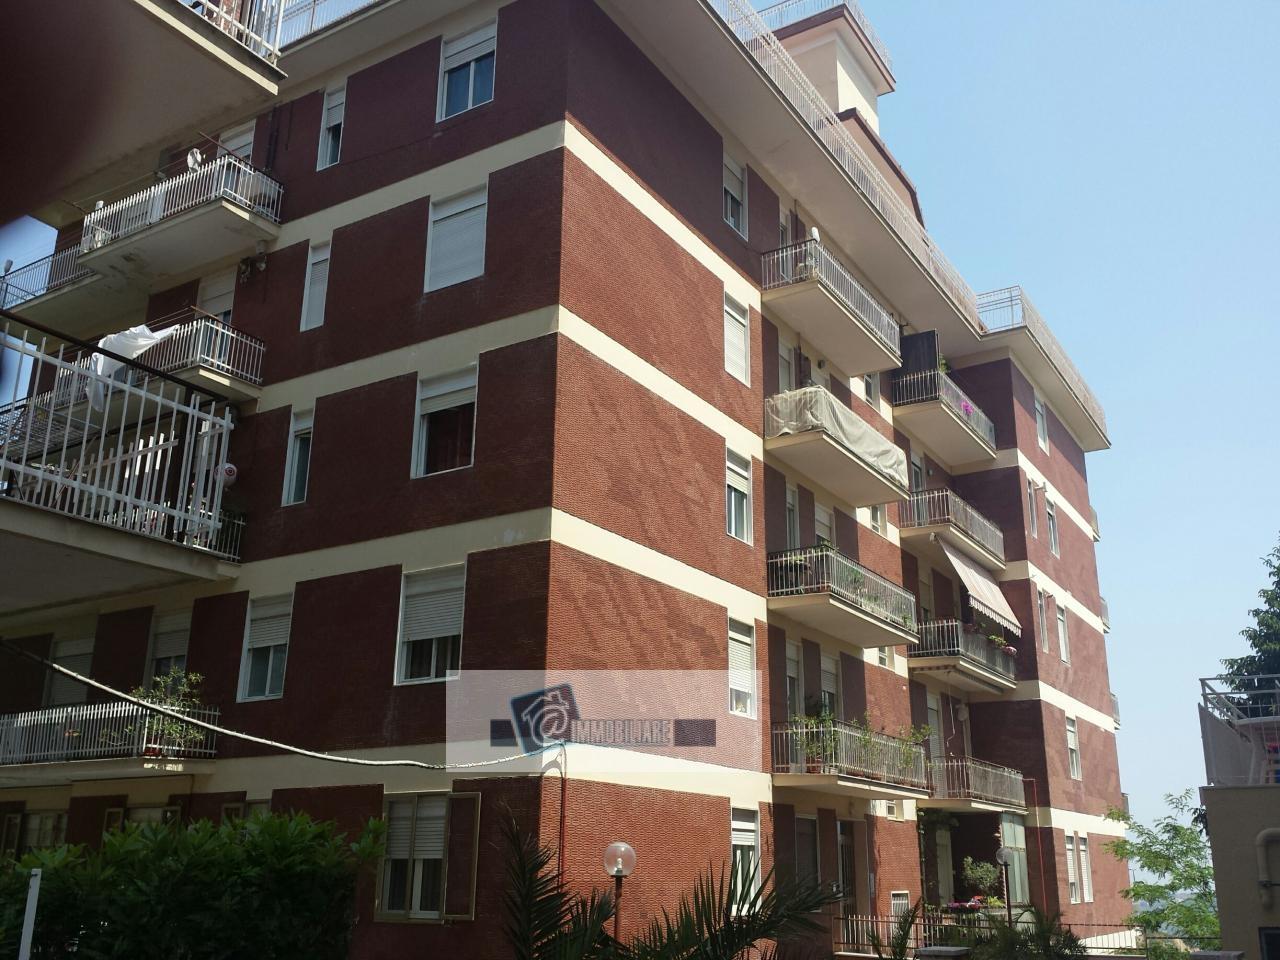 Appartamento in affitto a Chieti, 4 locali, zona Località: V.leAmendola, prezzo € 139.000 | Cambio Casa.it